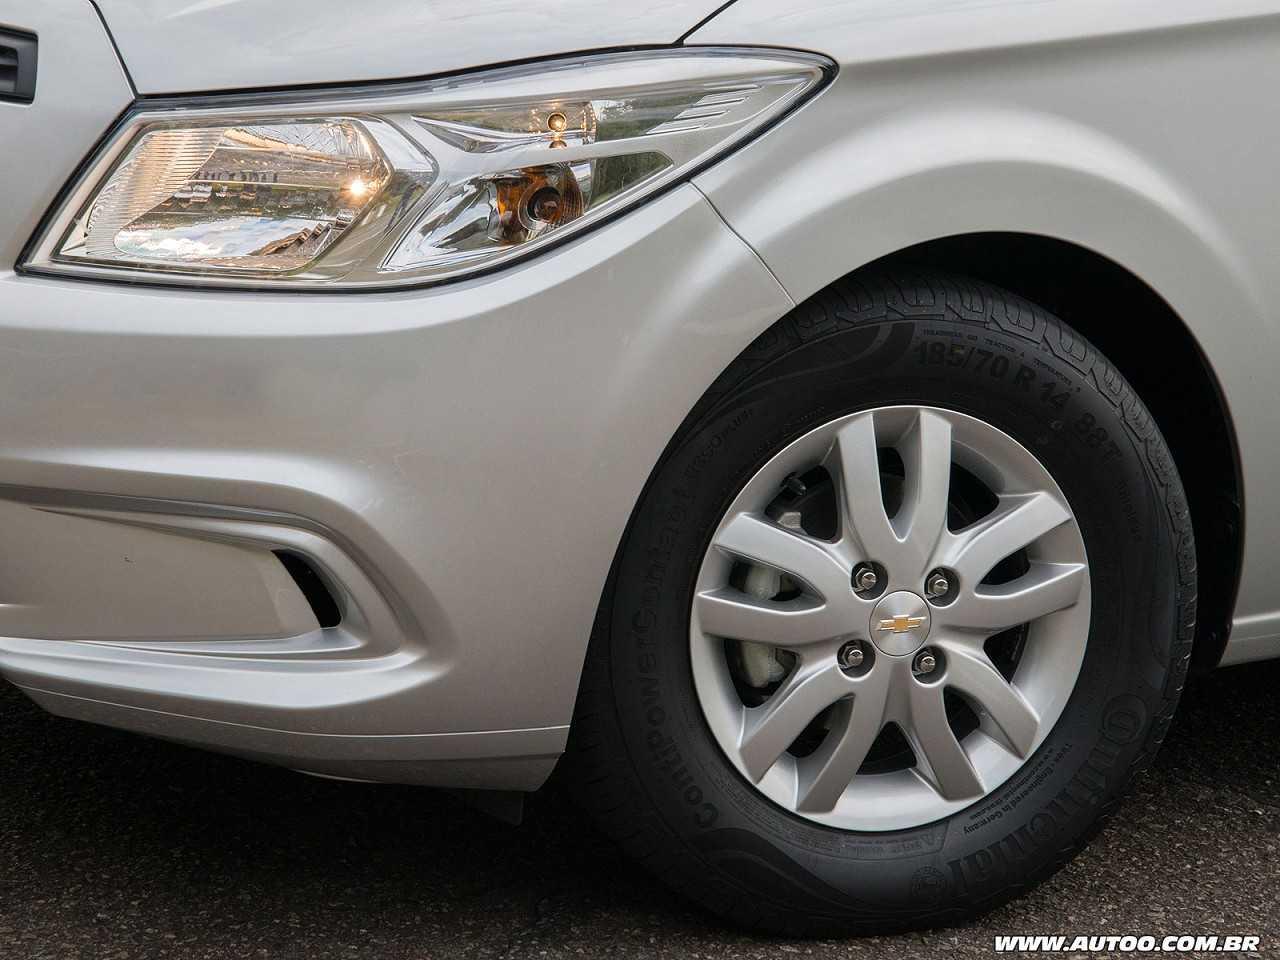 ChevroletPrisma 2017 - rodas